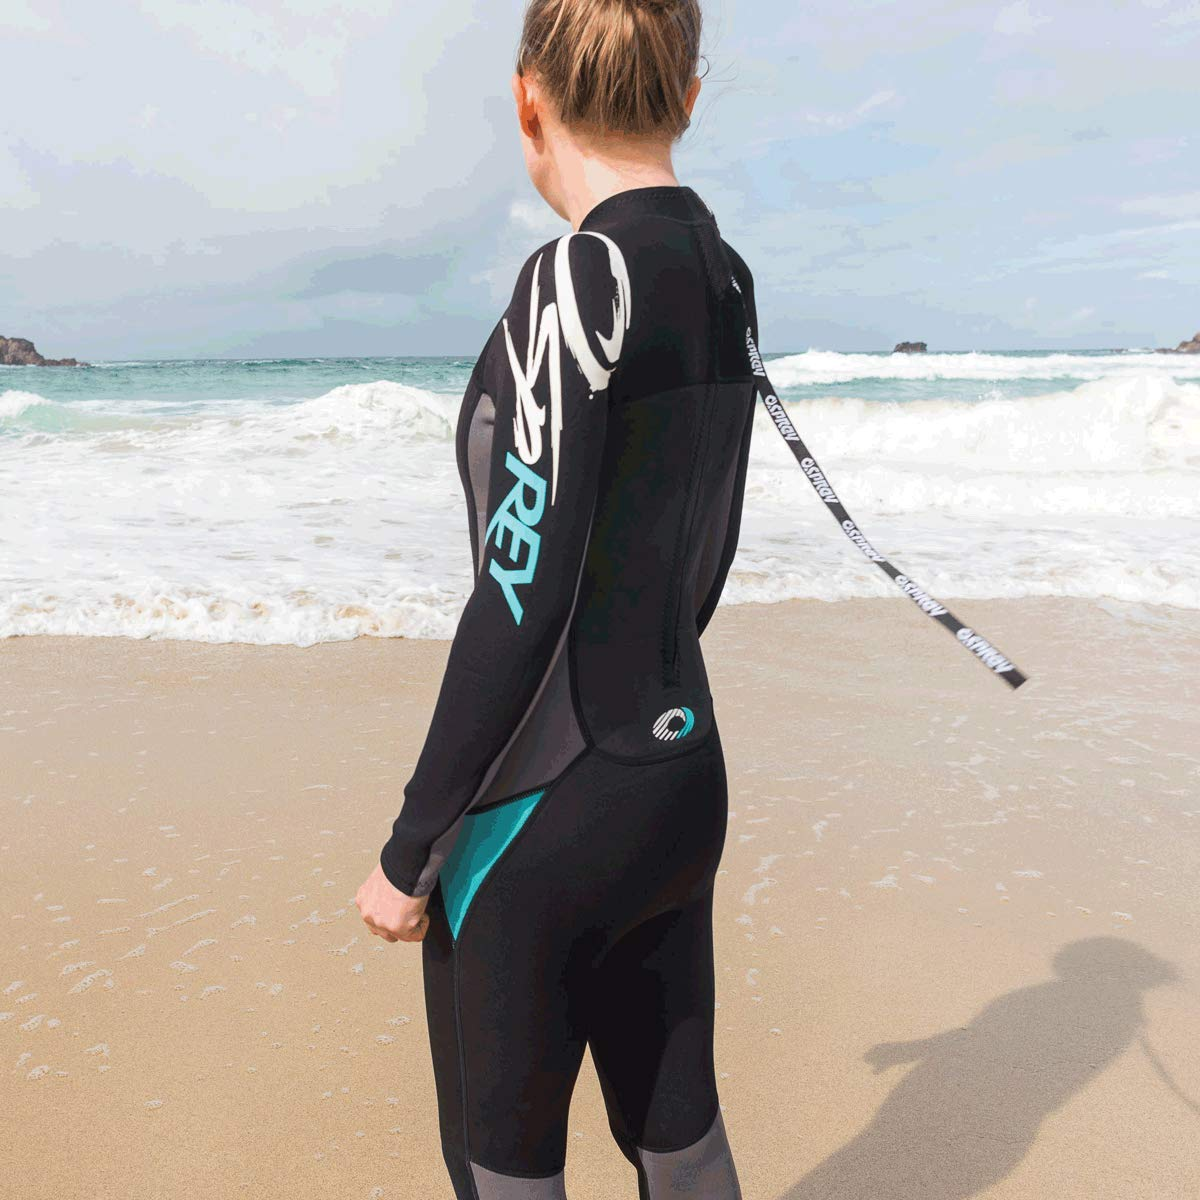 Osprey Womens Origin Full Length Wetsuit Long